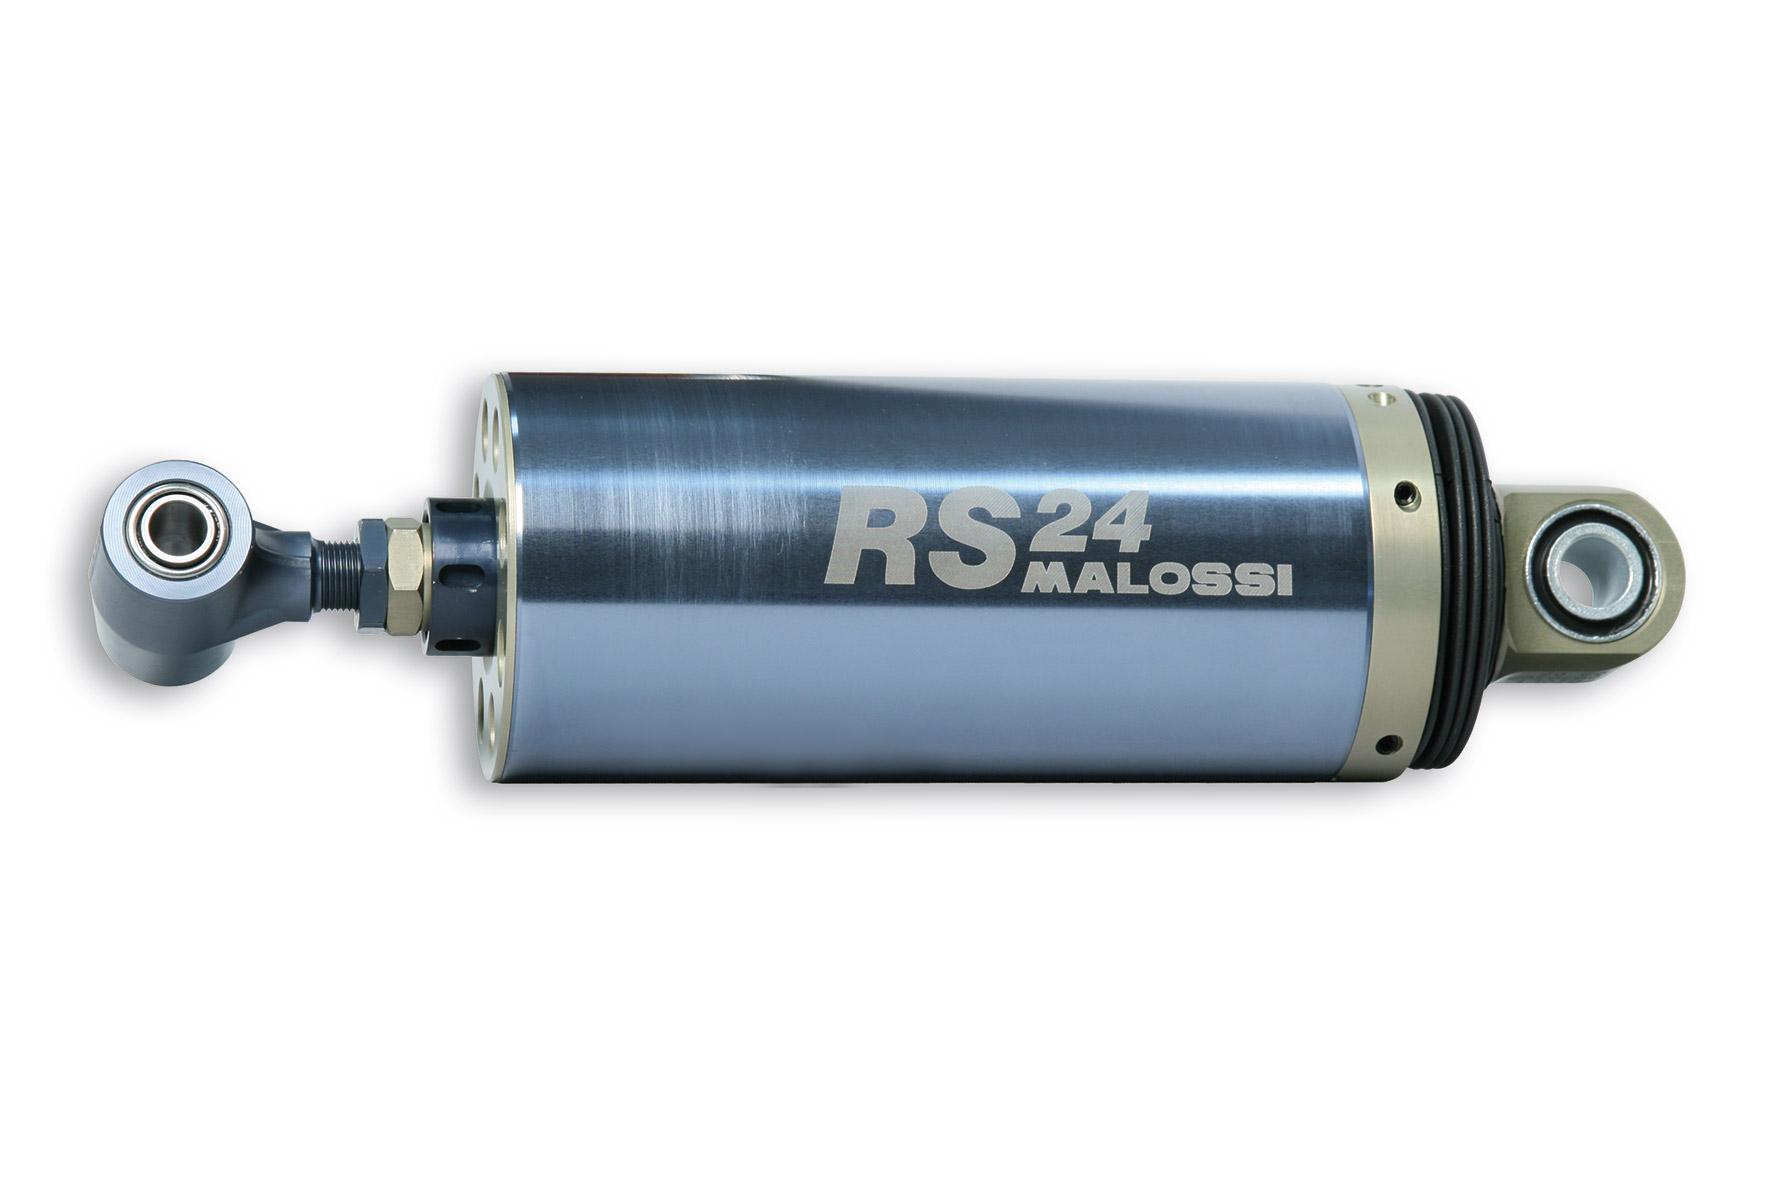 Ammortizzatore posteriore RS24, interasse 316 mm